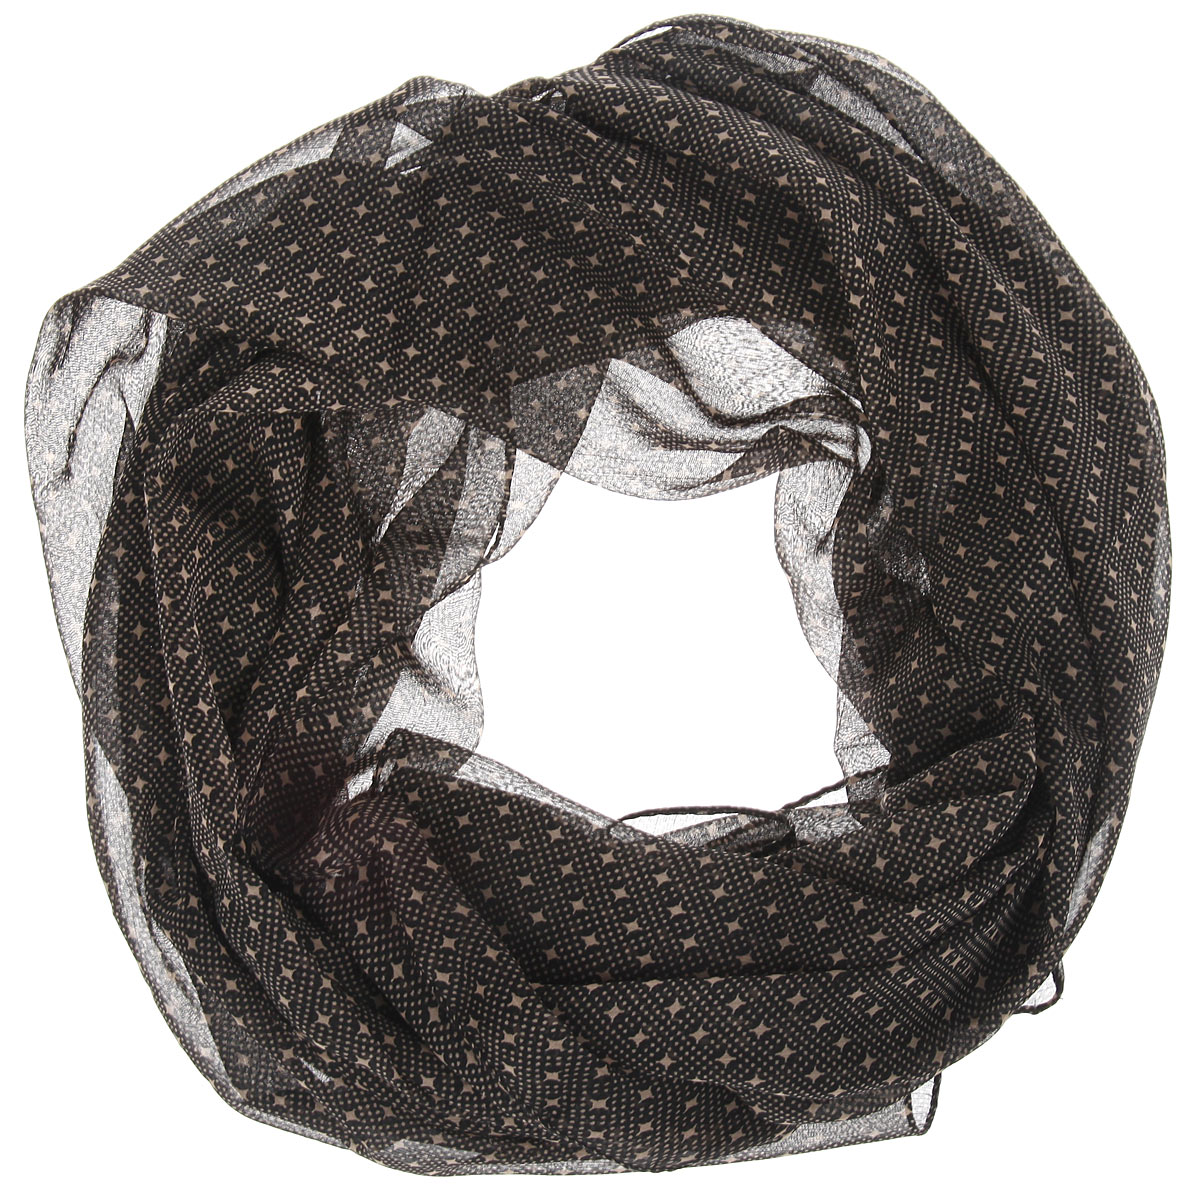 Платок женский Ethnica, цвет: черный, темно-бежевый. 524040н. Размер 90 см x 90 см524040нСтильный женский платок Ethnica станет великолепным завершением любого наряда. Легкий платок изготовлен из 100% вискозы. Он оформлен оригинальным принтом в мелкий горох, дополненный небольшими звездами.Классическая квадратная форма позволяет носить платок на шее, украшать им прическу или декорировать сумочку. Мягкий и шелковистый платок поможет вам создать изысканный женственный образ, а также согреет в непогоду.Такой платок превосходно дополнит любой наряд и подчеркнет ваш неповторимый вкус и элегантность.